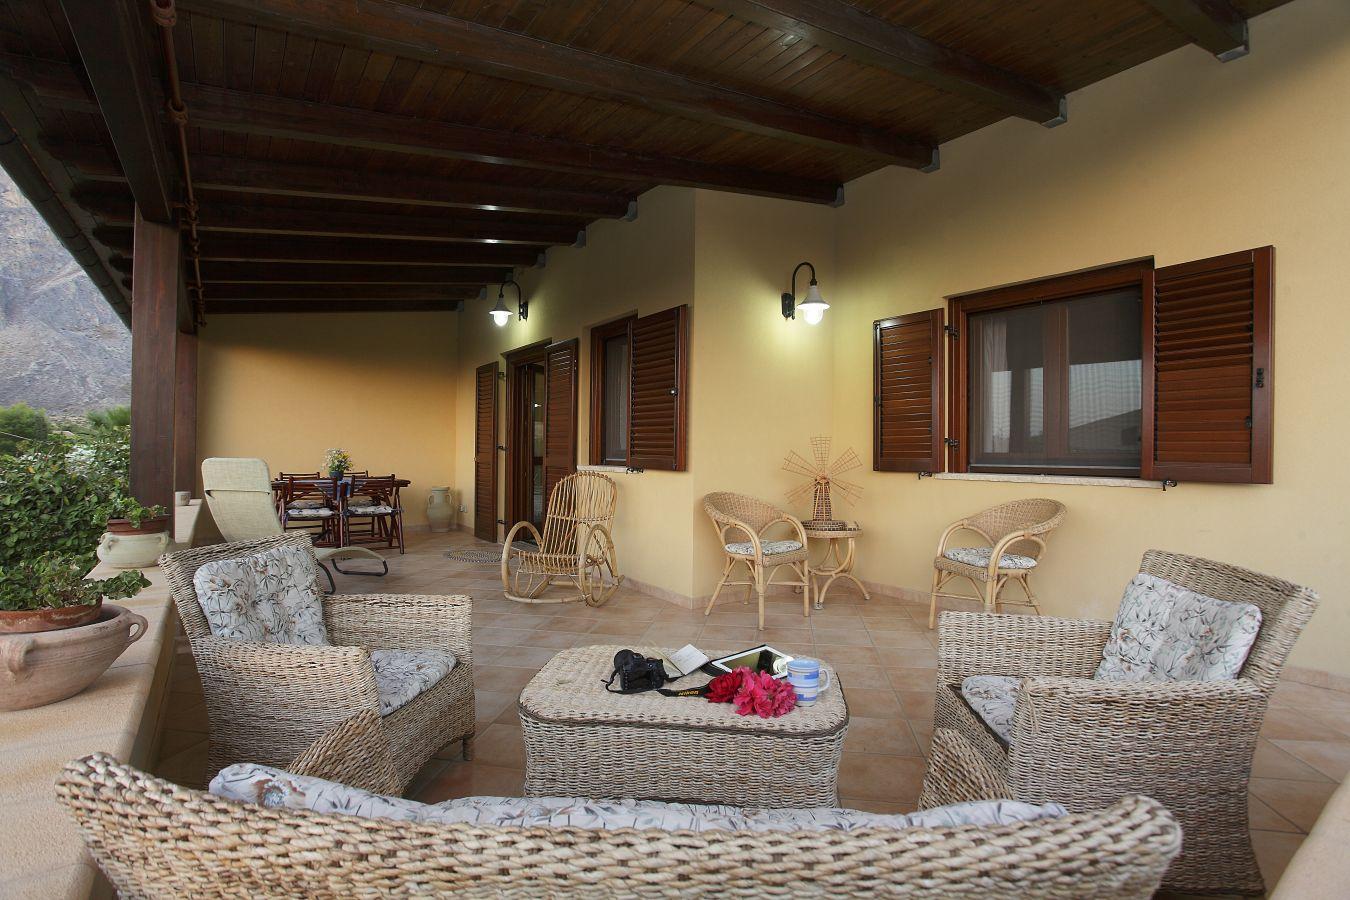 ferienhaus erice san vito sicilia italia solaris. Black Bedroom Furniture Sets. Home Design Ideas